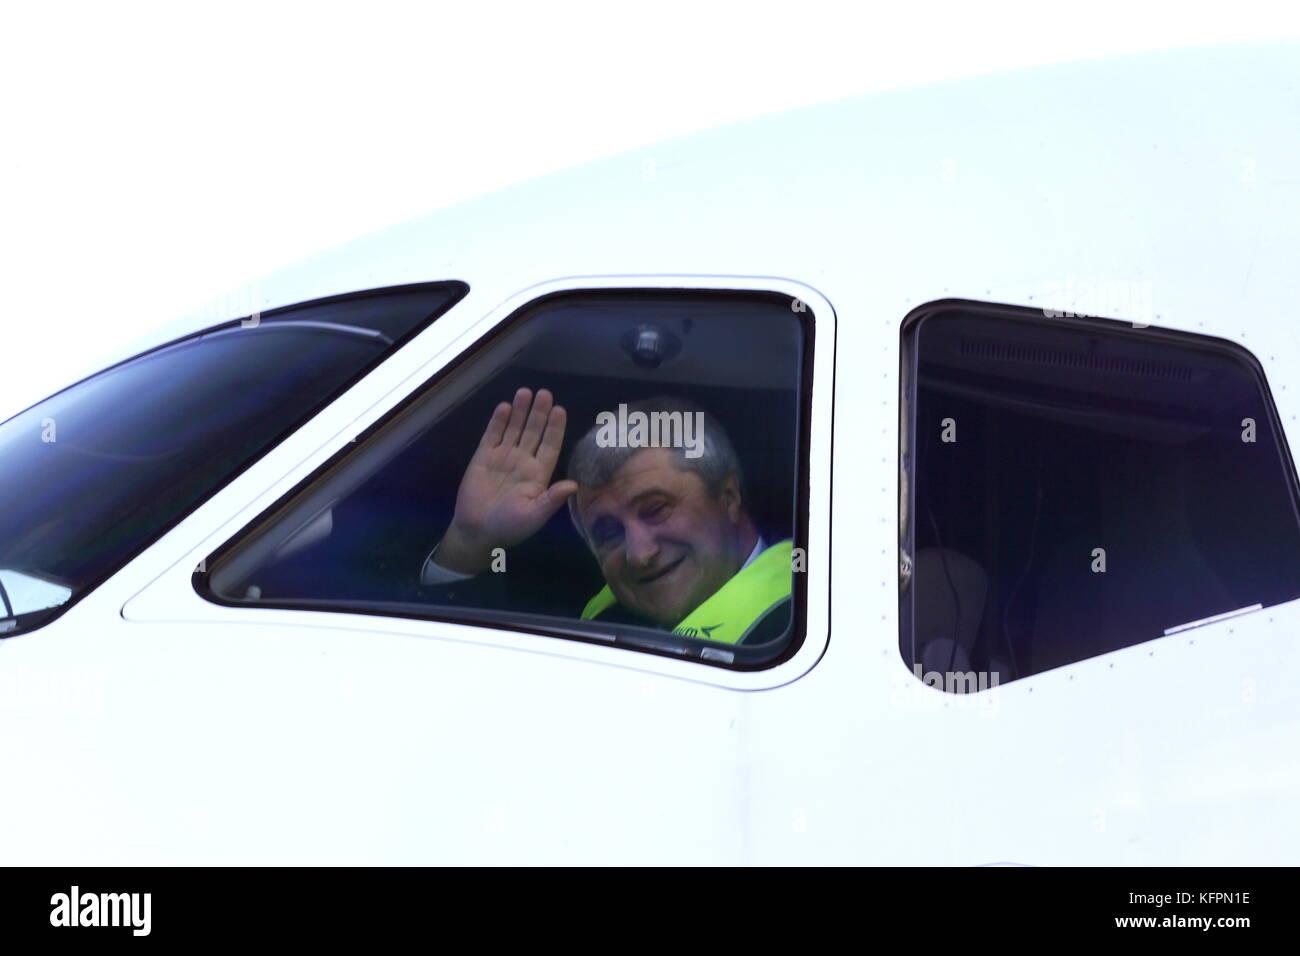 Rostov-on-don, Russia - 31 ottobre 2017: compagnia aerea di azimut comandante equipaggio yuri deyev visto nella cabina di pilotaggio di un Sukhoi Superjet 100 (ssj-100) aerei passeggeri davanti a un volo presso l'aeroporto della città. azimuth è un passeggero con una compagnia aerea per la Russia meridionale e centrale; a partire da dicembre 2017, è di servire nuovi platov aeroporto vicino a Rostov-on-don. valery matytsin/TASS Foto Stock